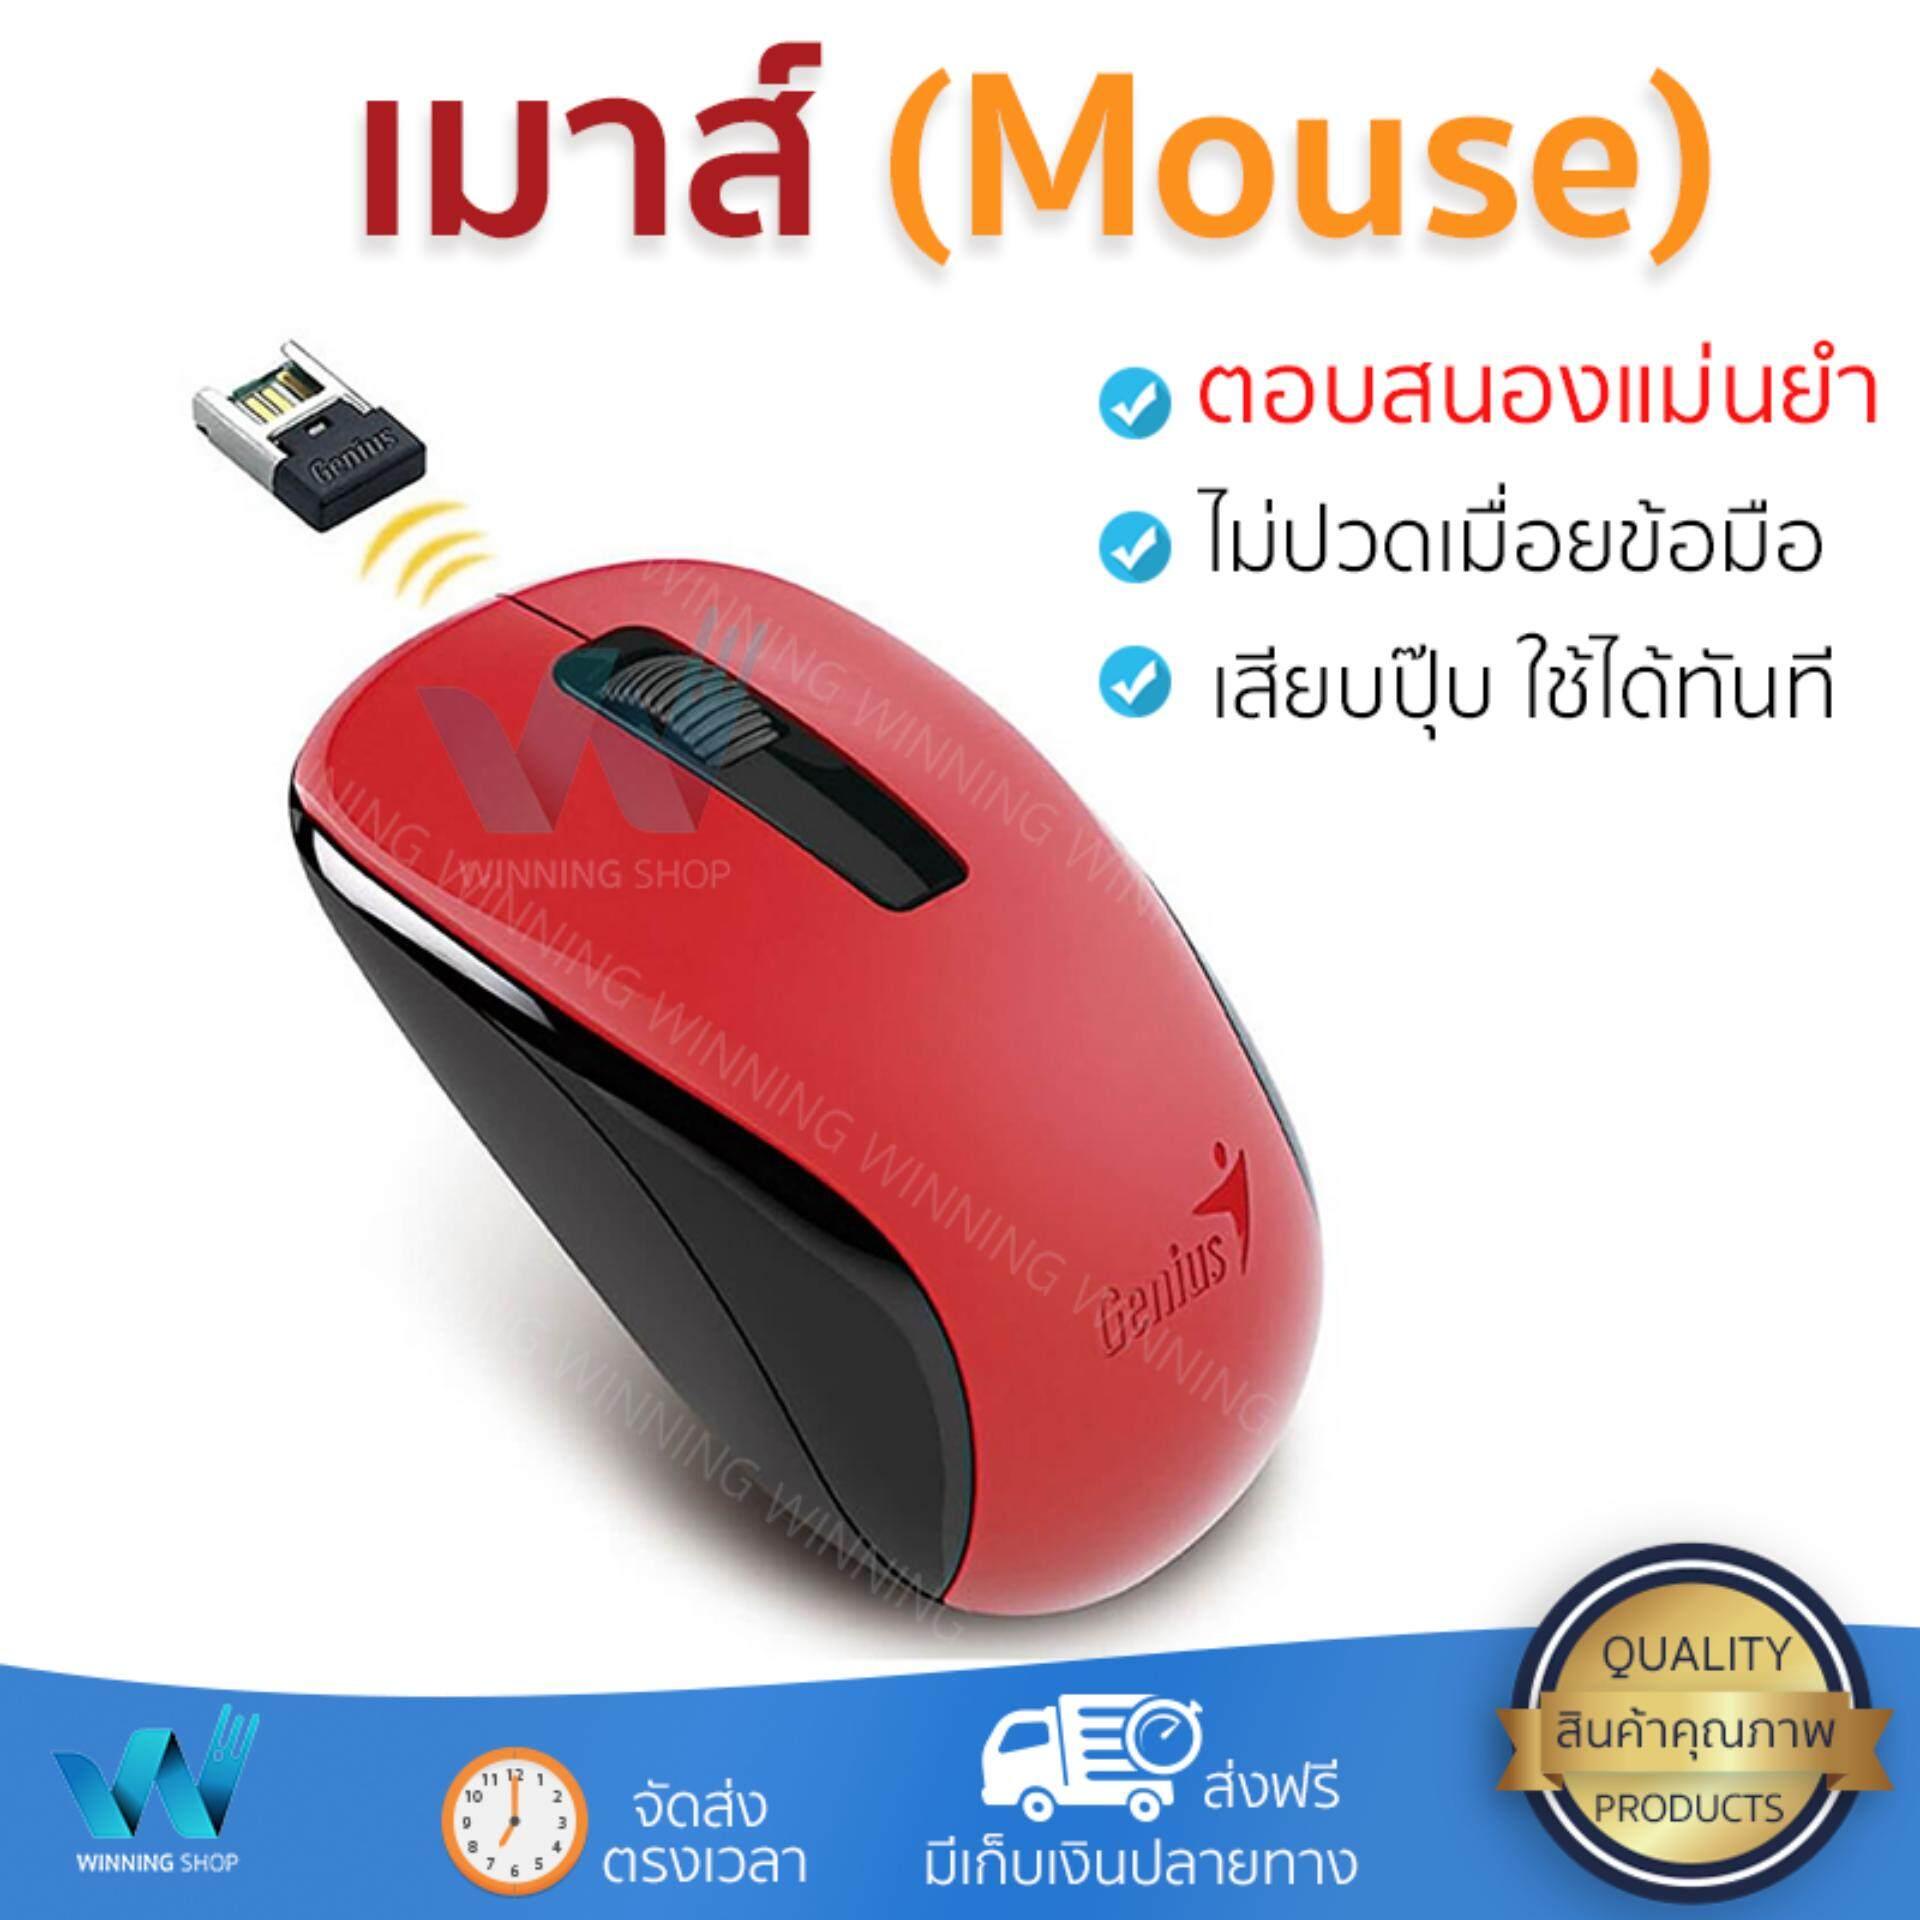 เก็บเงินปลายทางได้ รุ่นใหม่ล่าสุด เมาส์           GENIUS เมาส์ไร้สาย (สีแดง) รุ่น NX-7005             เซนเซอร์คุณภาพสูง ทำงานได้ลื่นไหล ไม่มีสะดุด Computer Mouse  รับประกันสินค้า 1 ปี จัดส่งฟรี Kerry